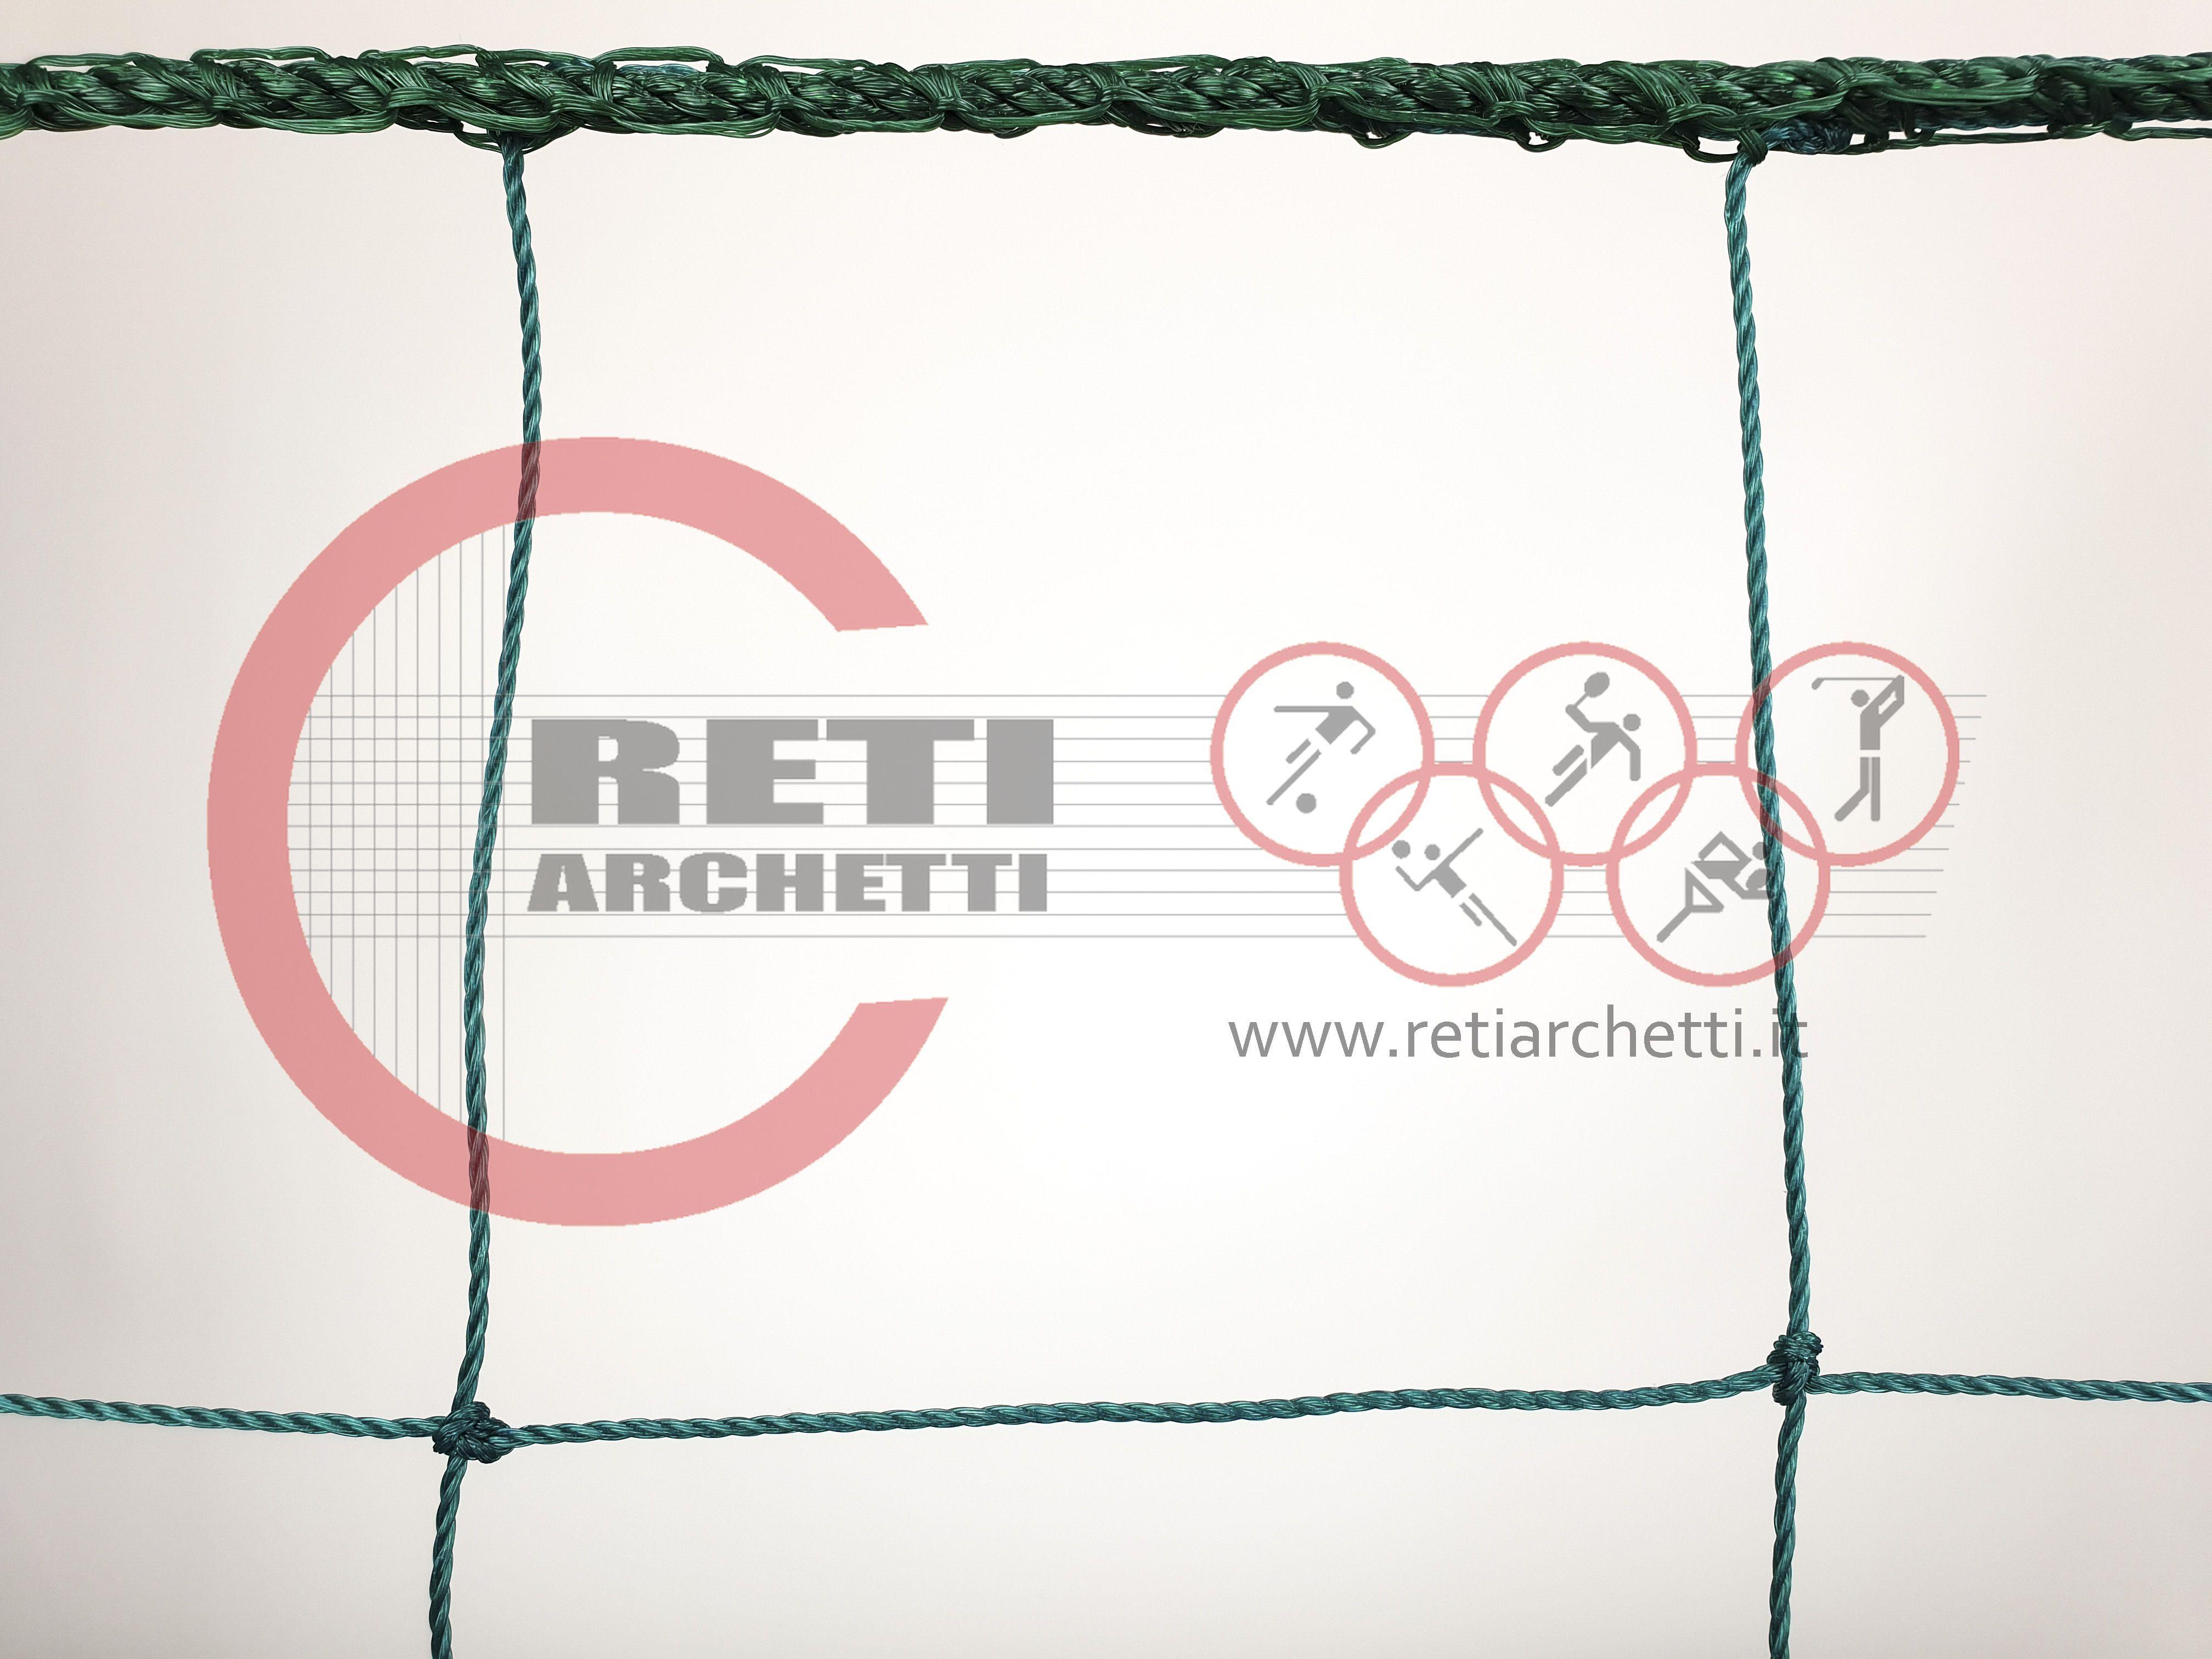 RETE PER COPERTURA – MOD. ANTICORMORANO – ART. B4